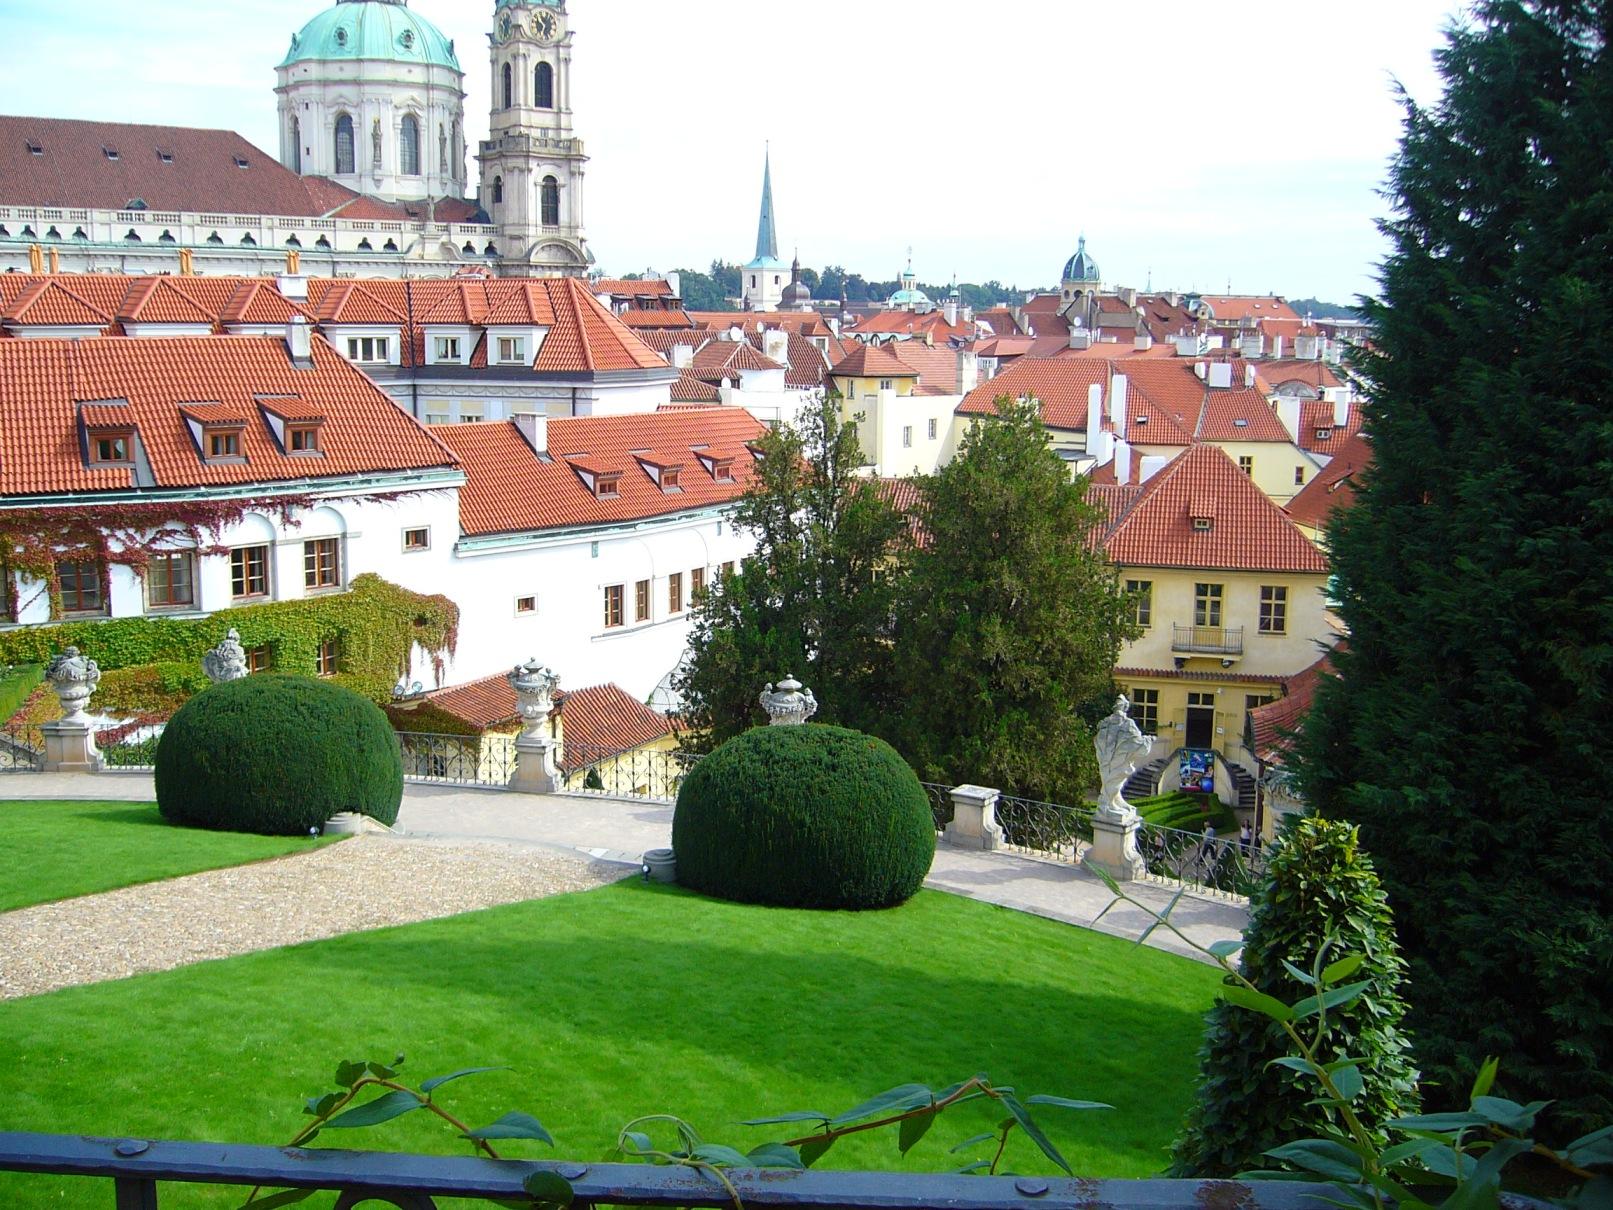 Vrtbovská zahrada - pohled s kulisou kostela sv. Mikuláše